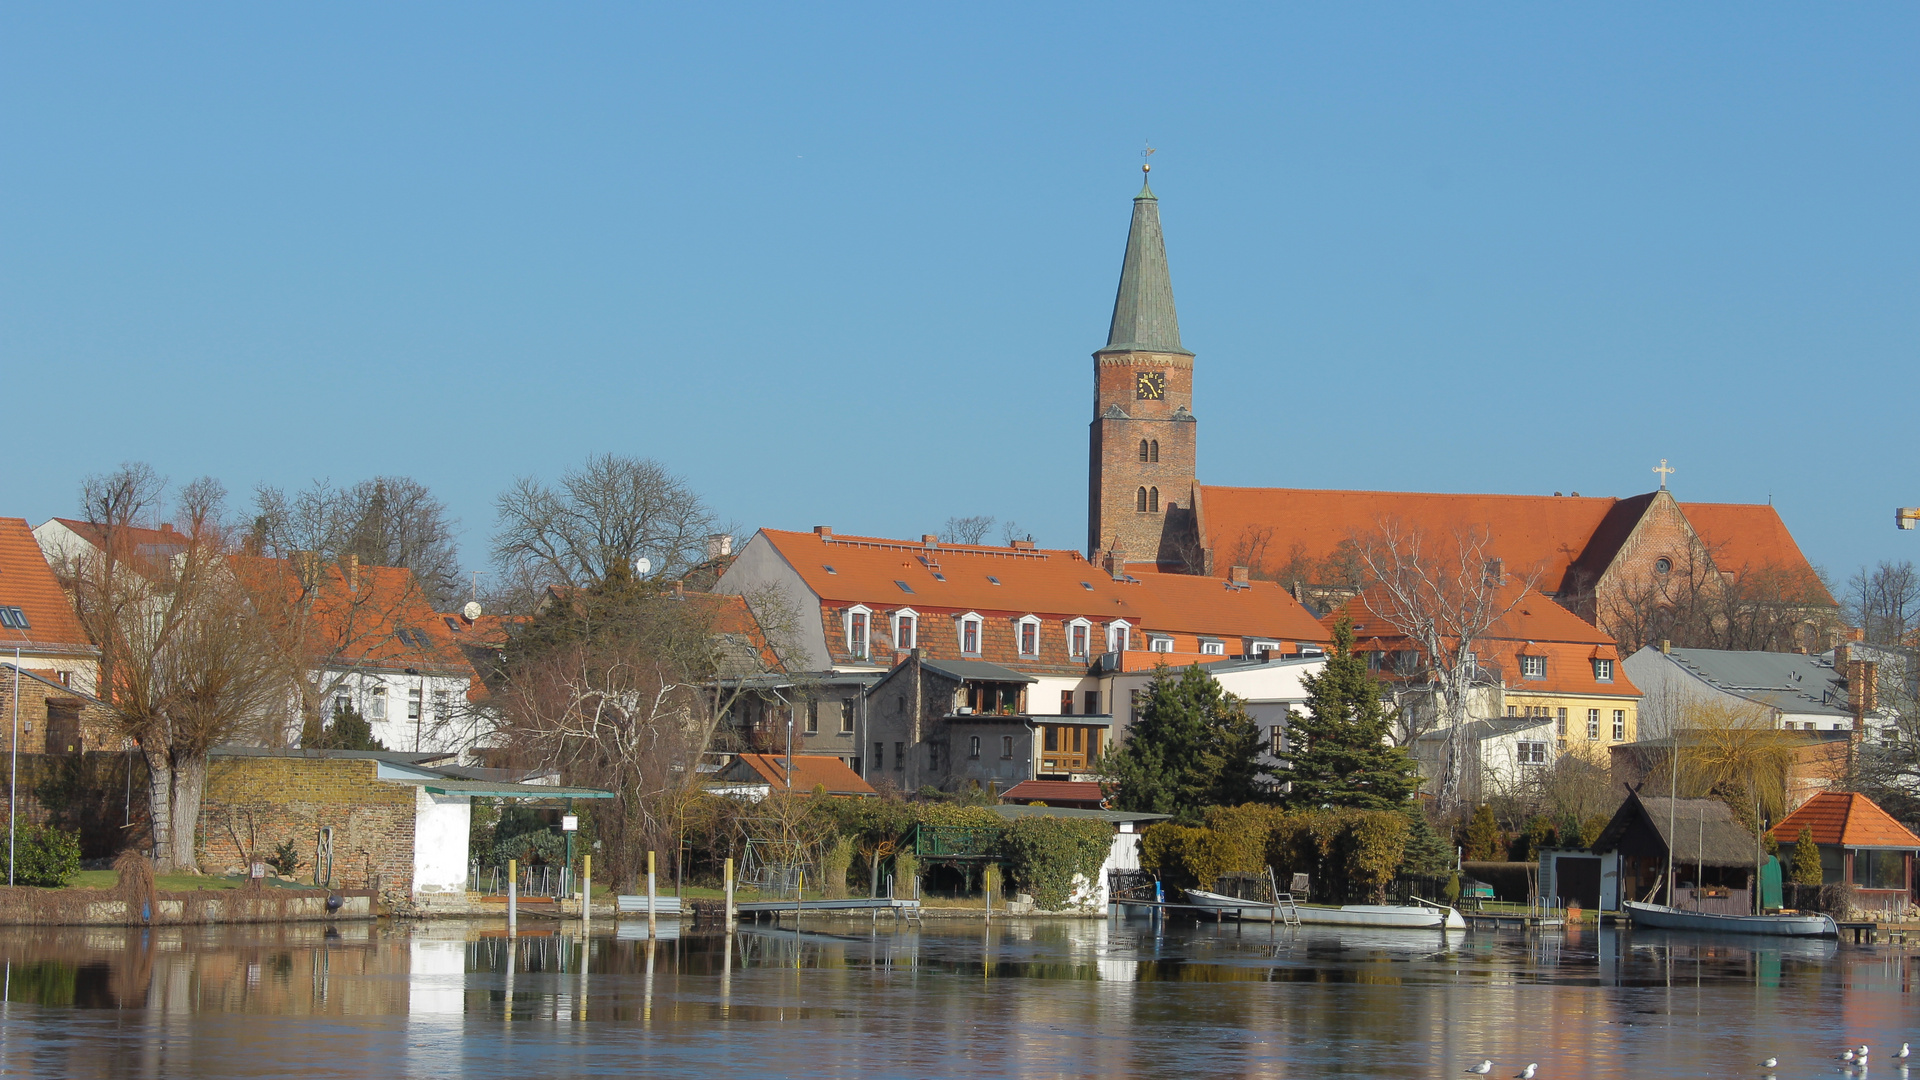 Der Dom von Brandenburg